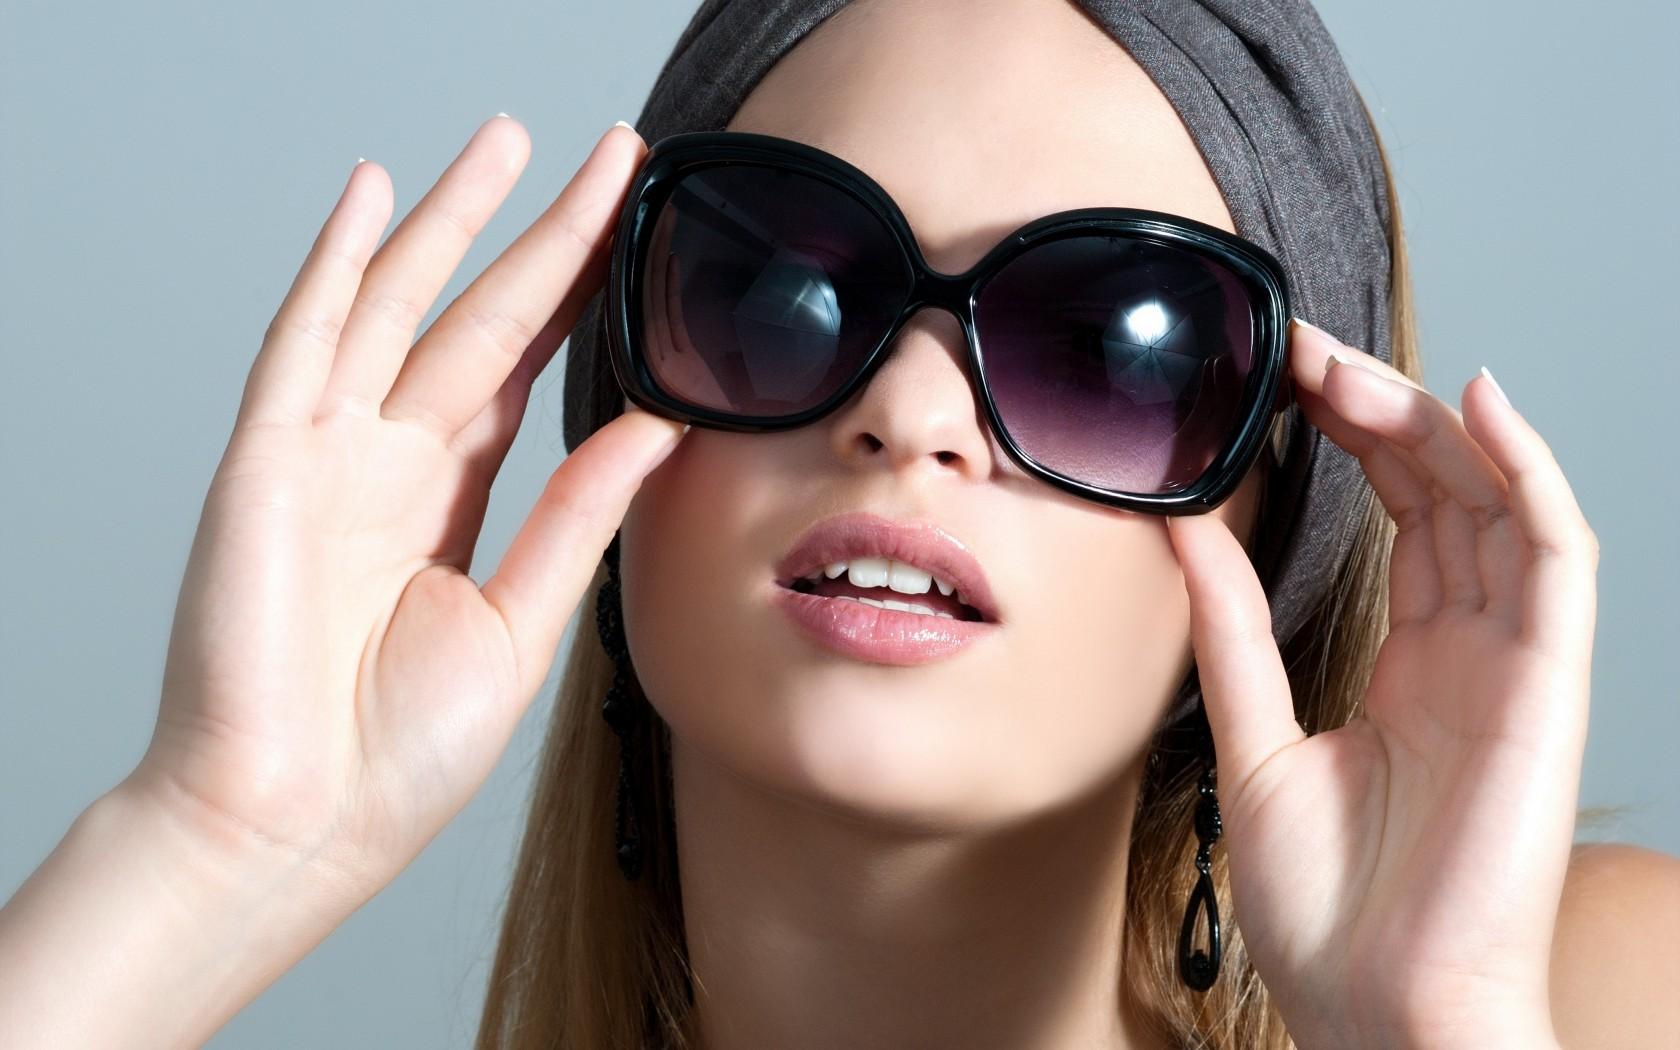 Смотреть бесплатно фото женского очка 7 фотография